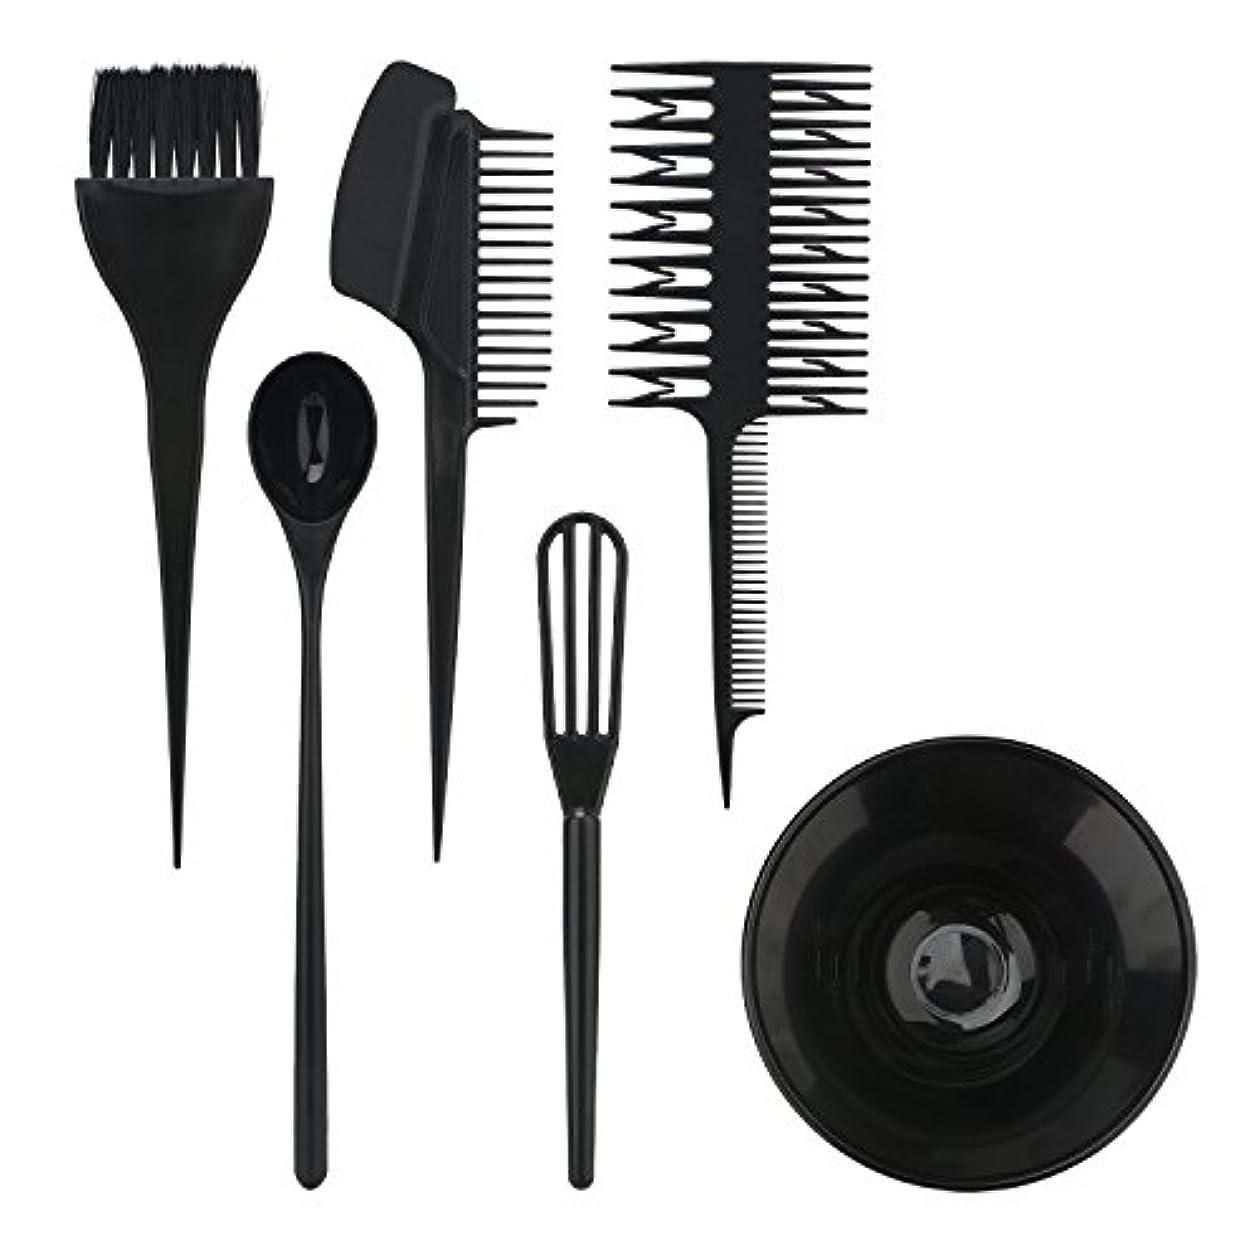 枯渇するヘクタール植生Segbeauty ヘアカラー用のセット ブラシとボウルの組み合わせ 6pcs DIY髪染め用 サロン 美髪師用 ヘアカラーの用具